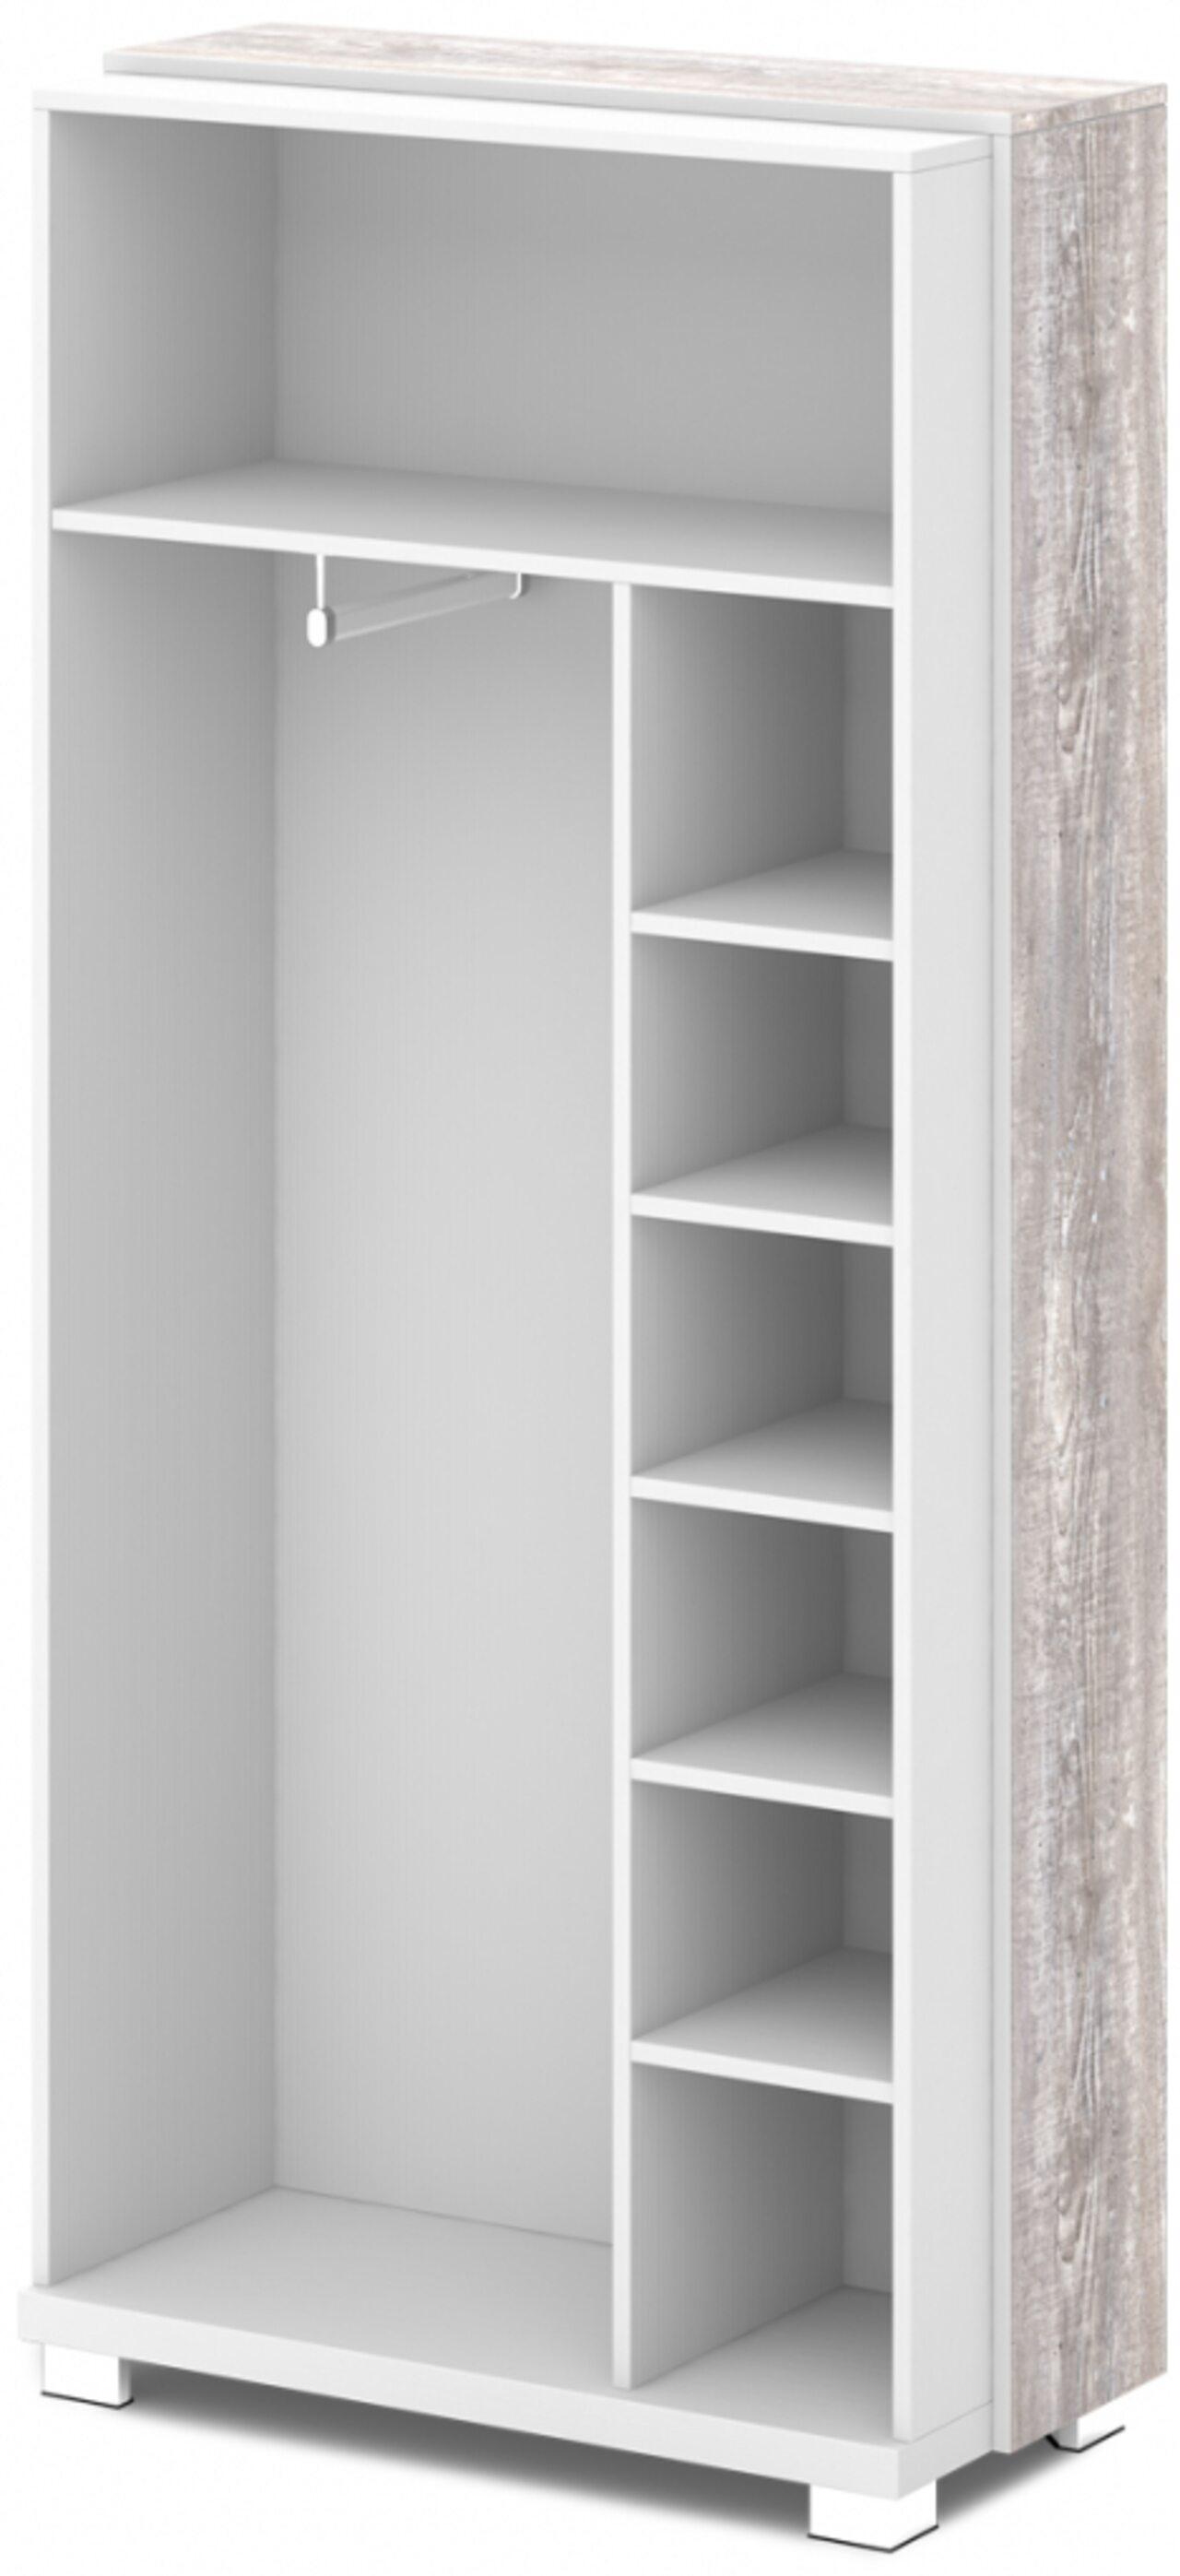 Каркас шкафа для одежды отдельностоящий  GRACE 44x94x205 - фото 1